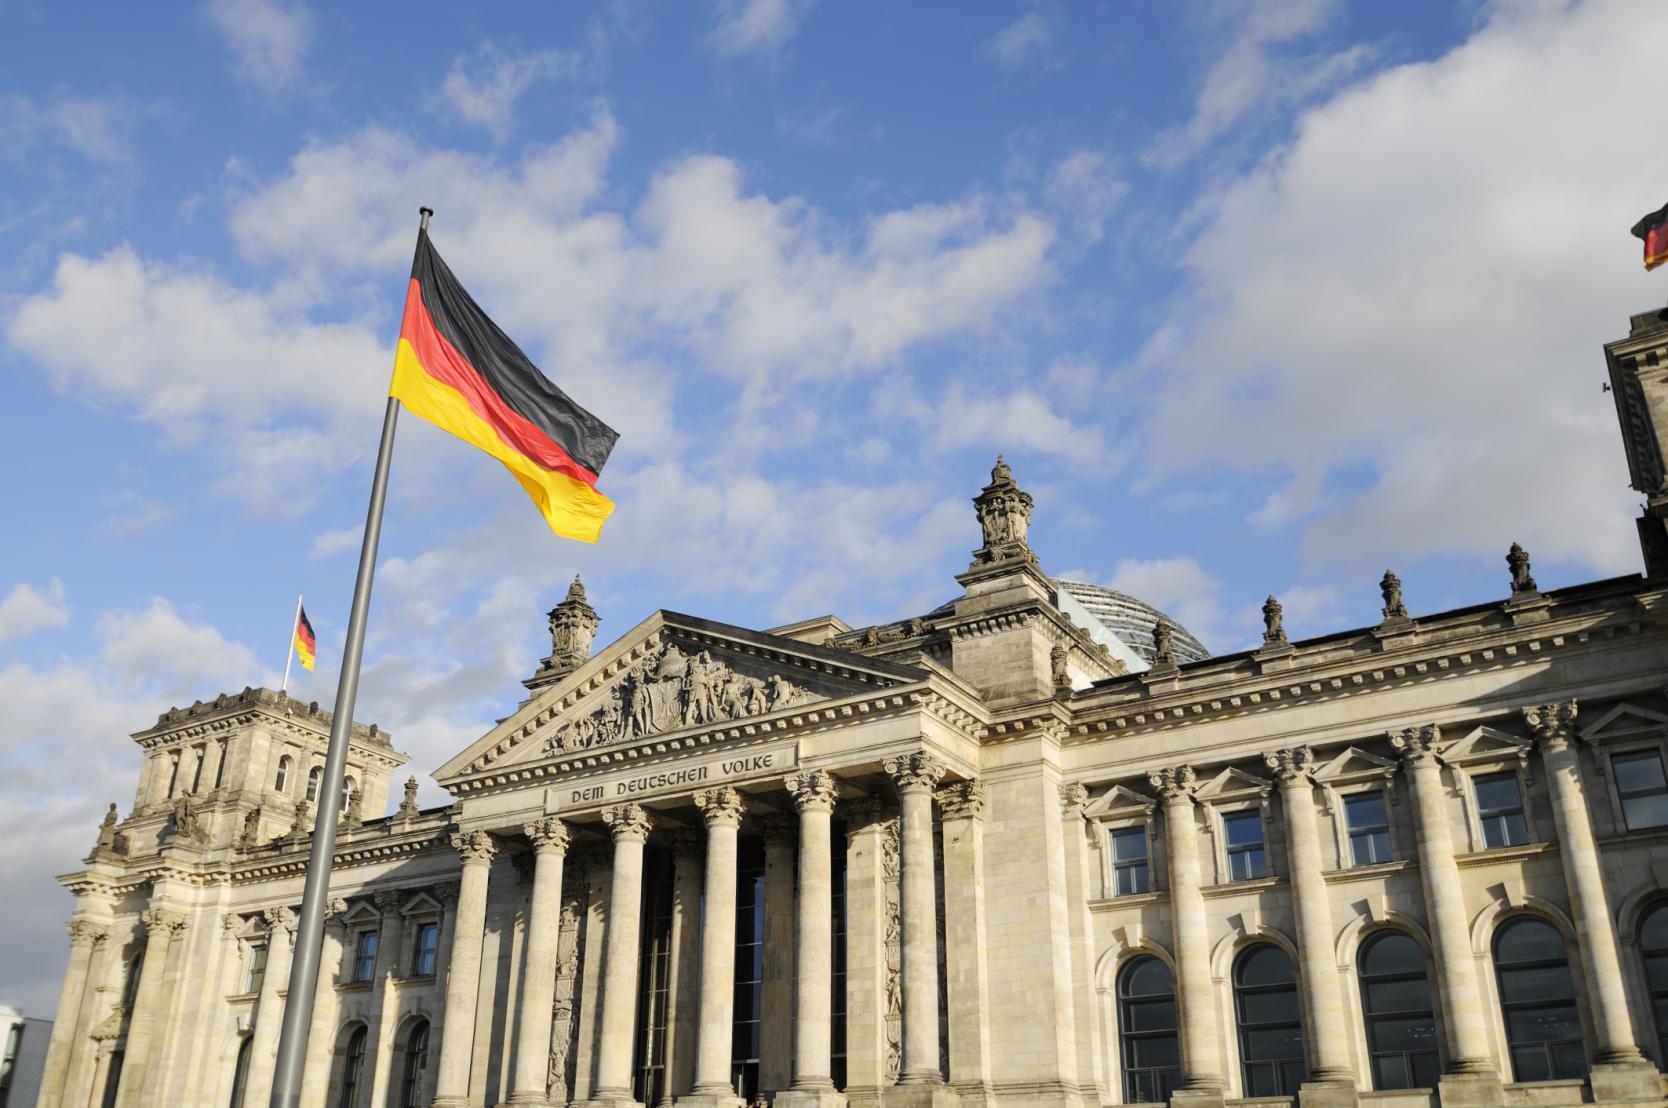 Γερμανία: Υποχώρησε το οικονομικό κλίμα τον Απρίλιο